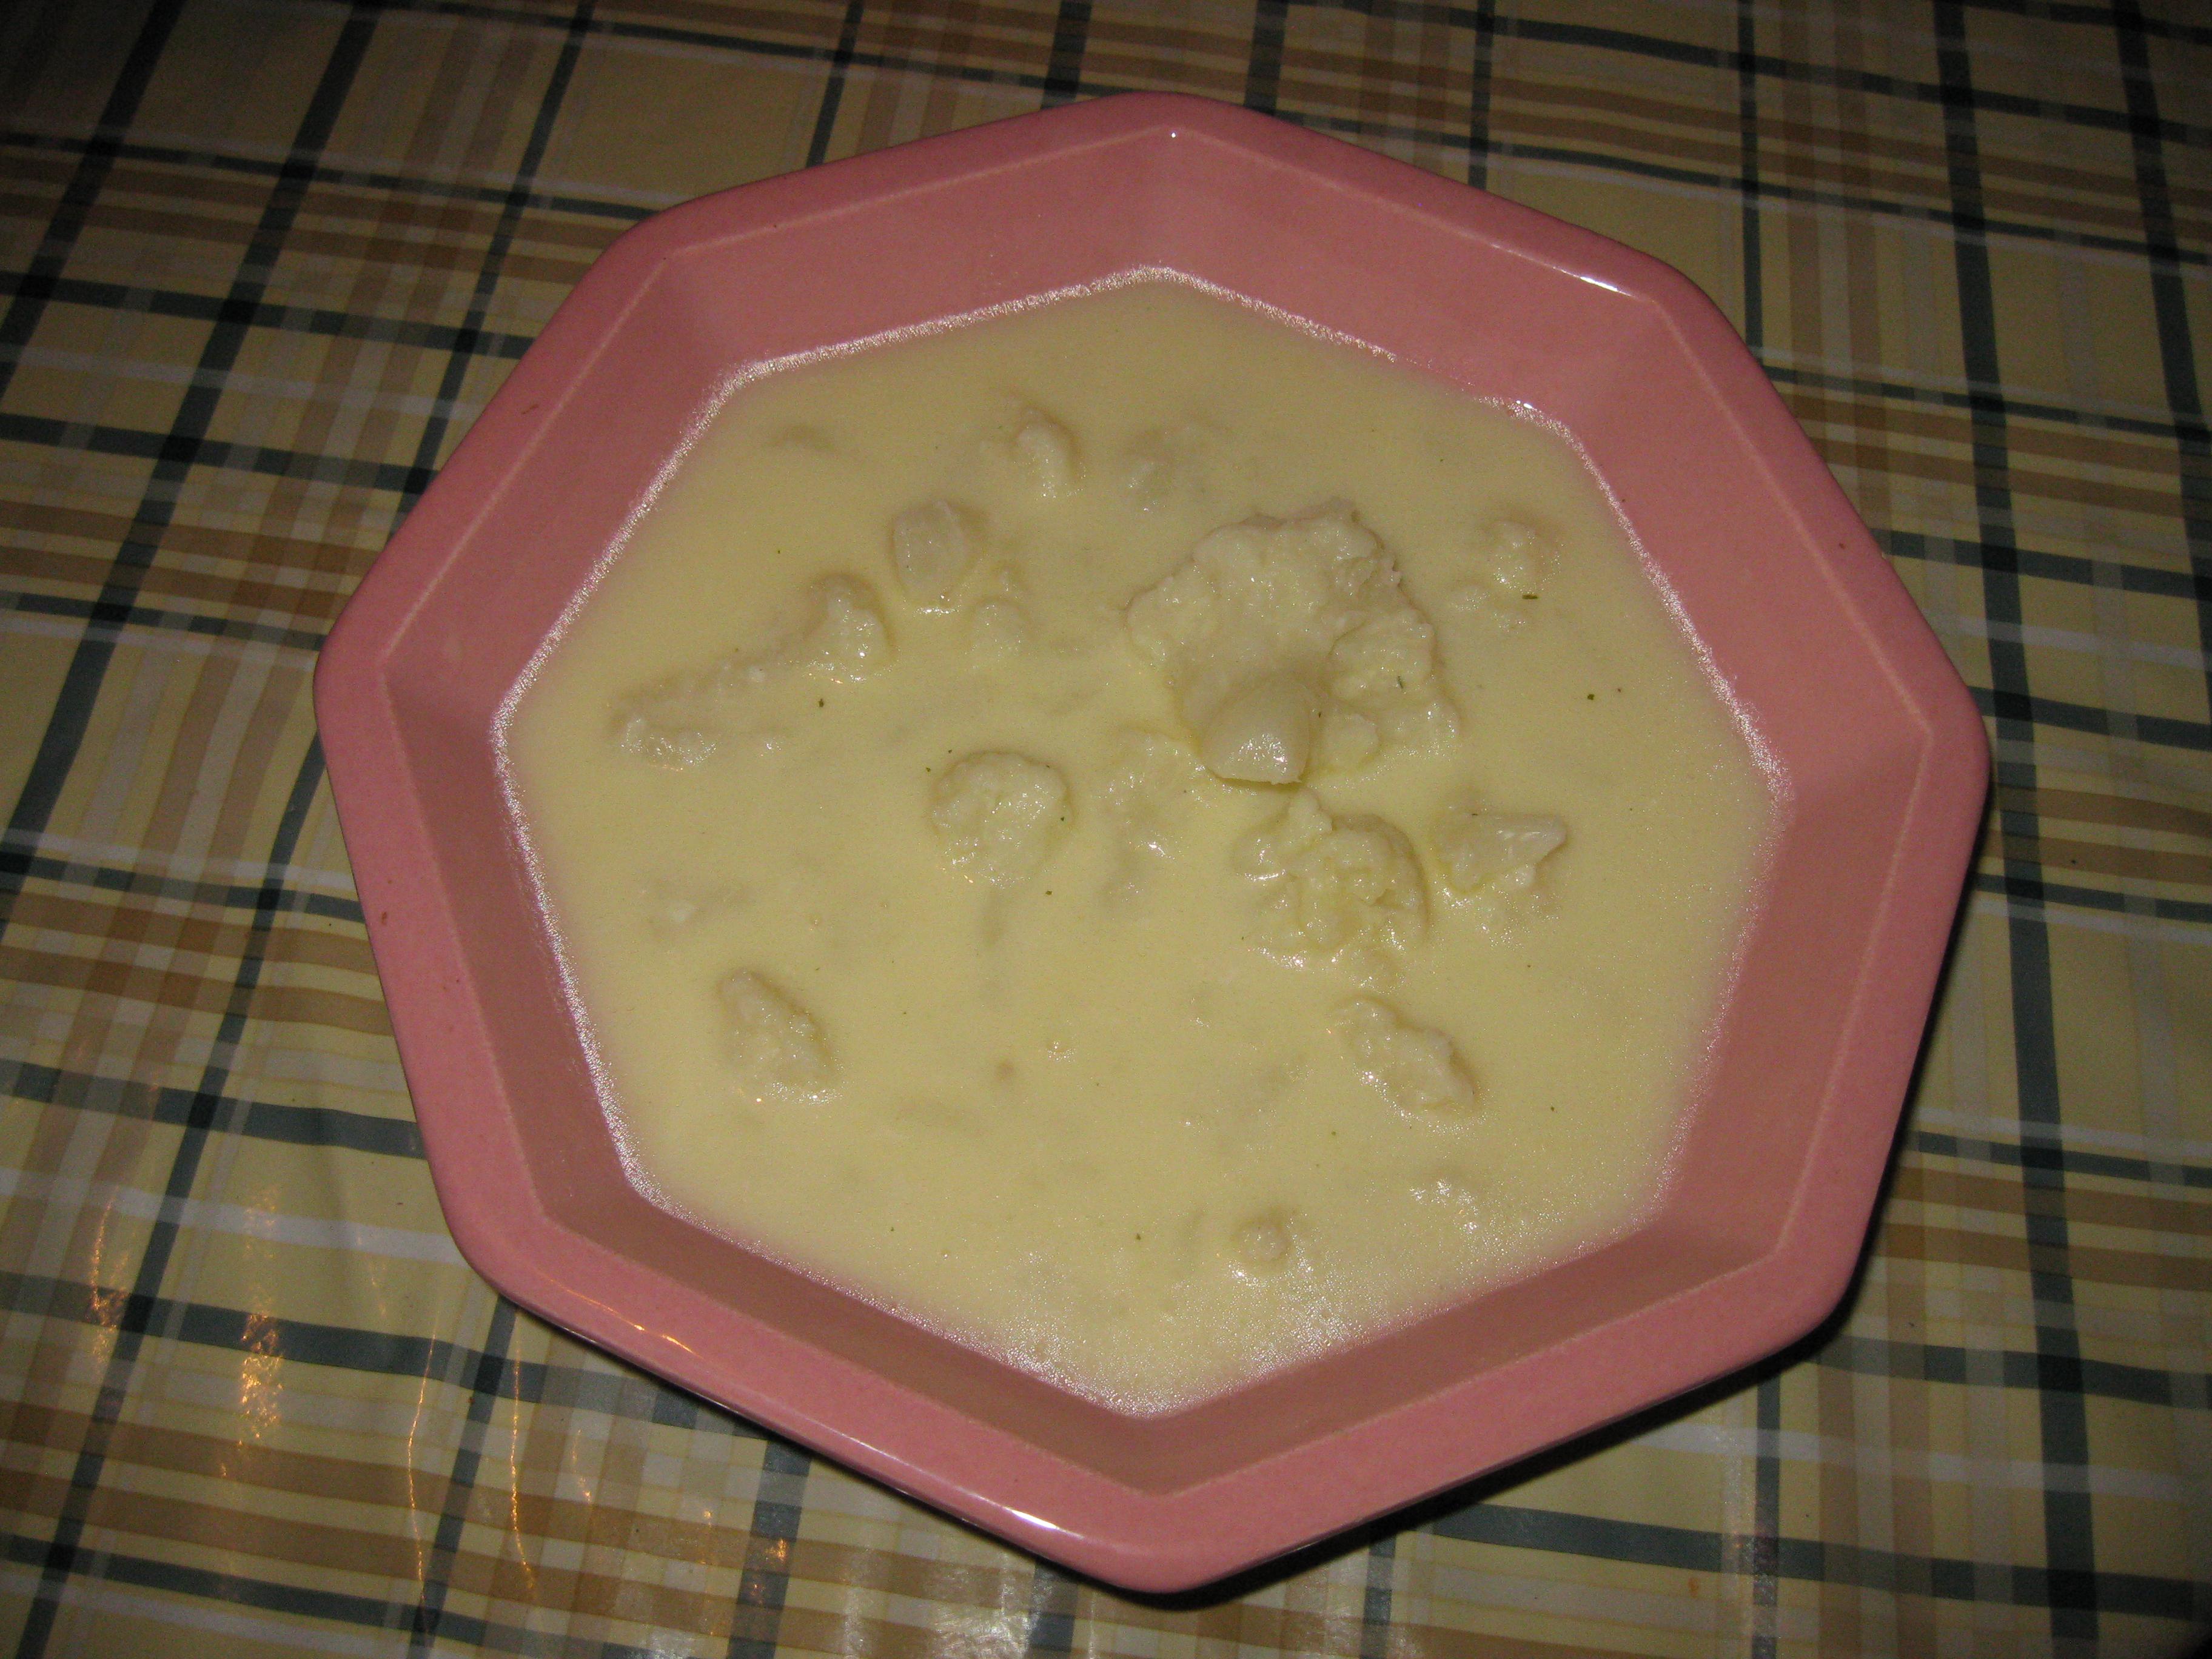 кува се са млеком и путером